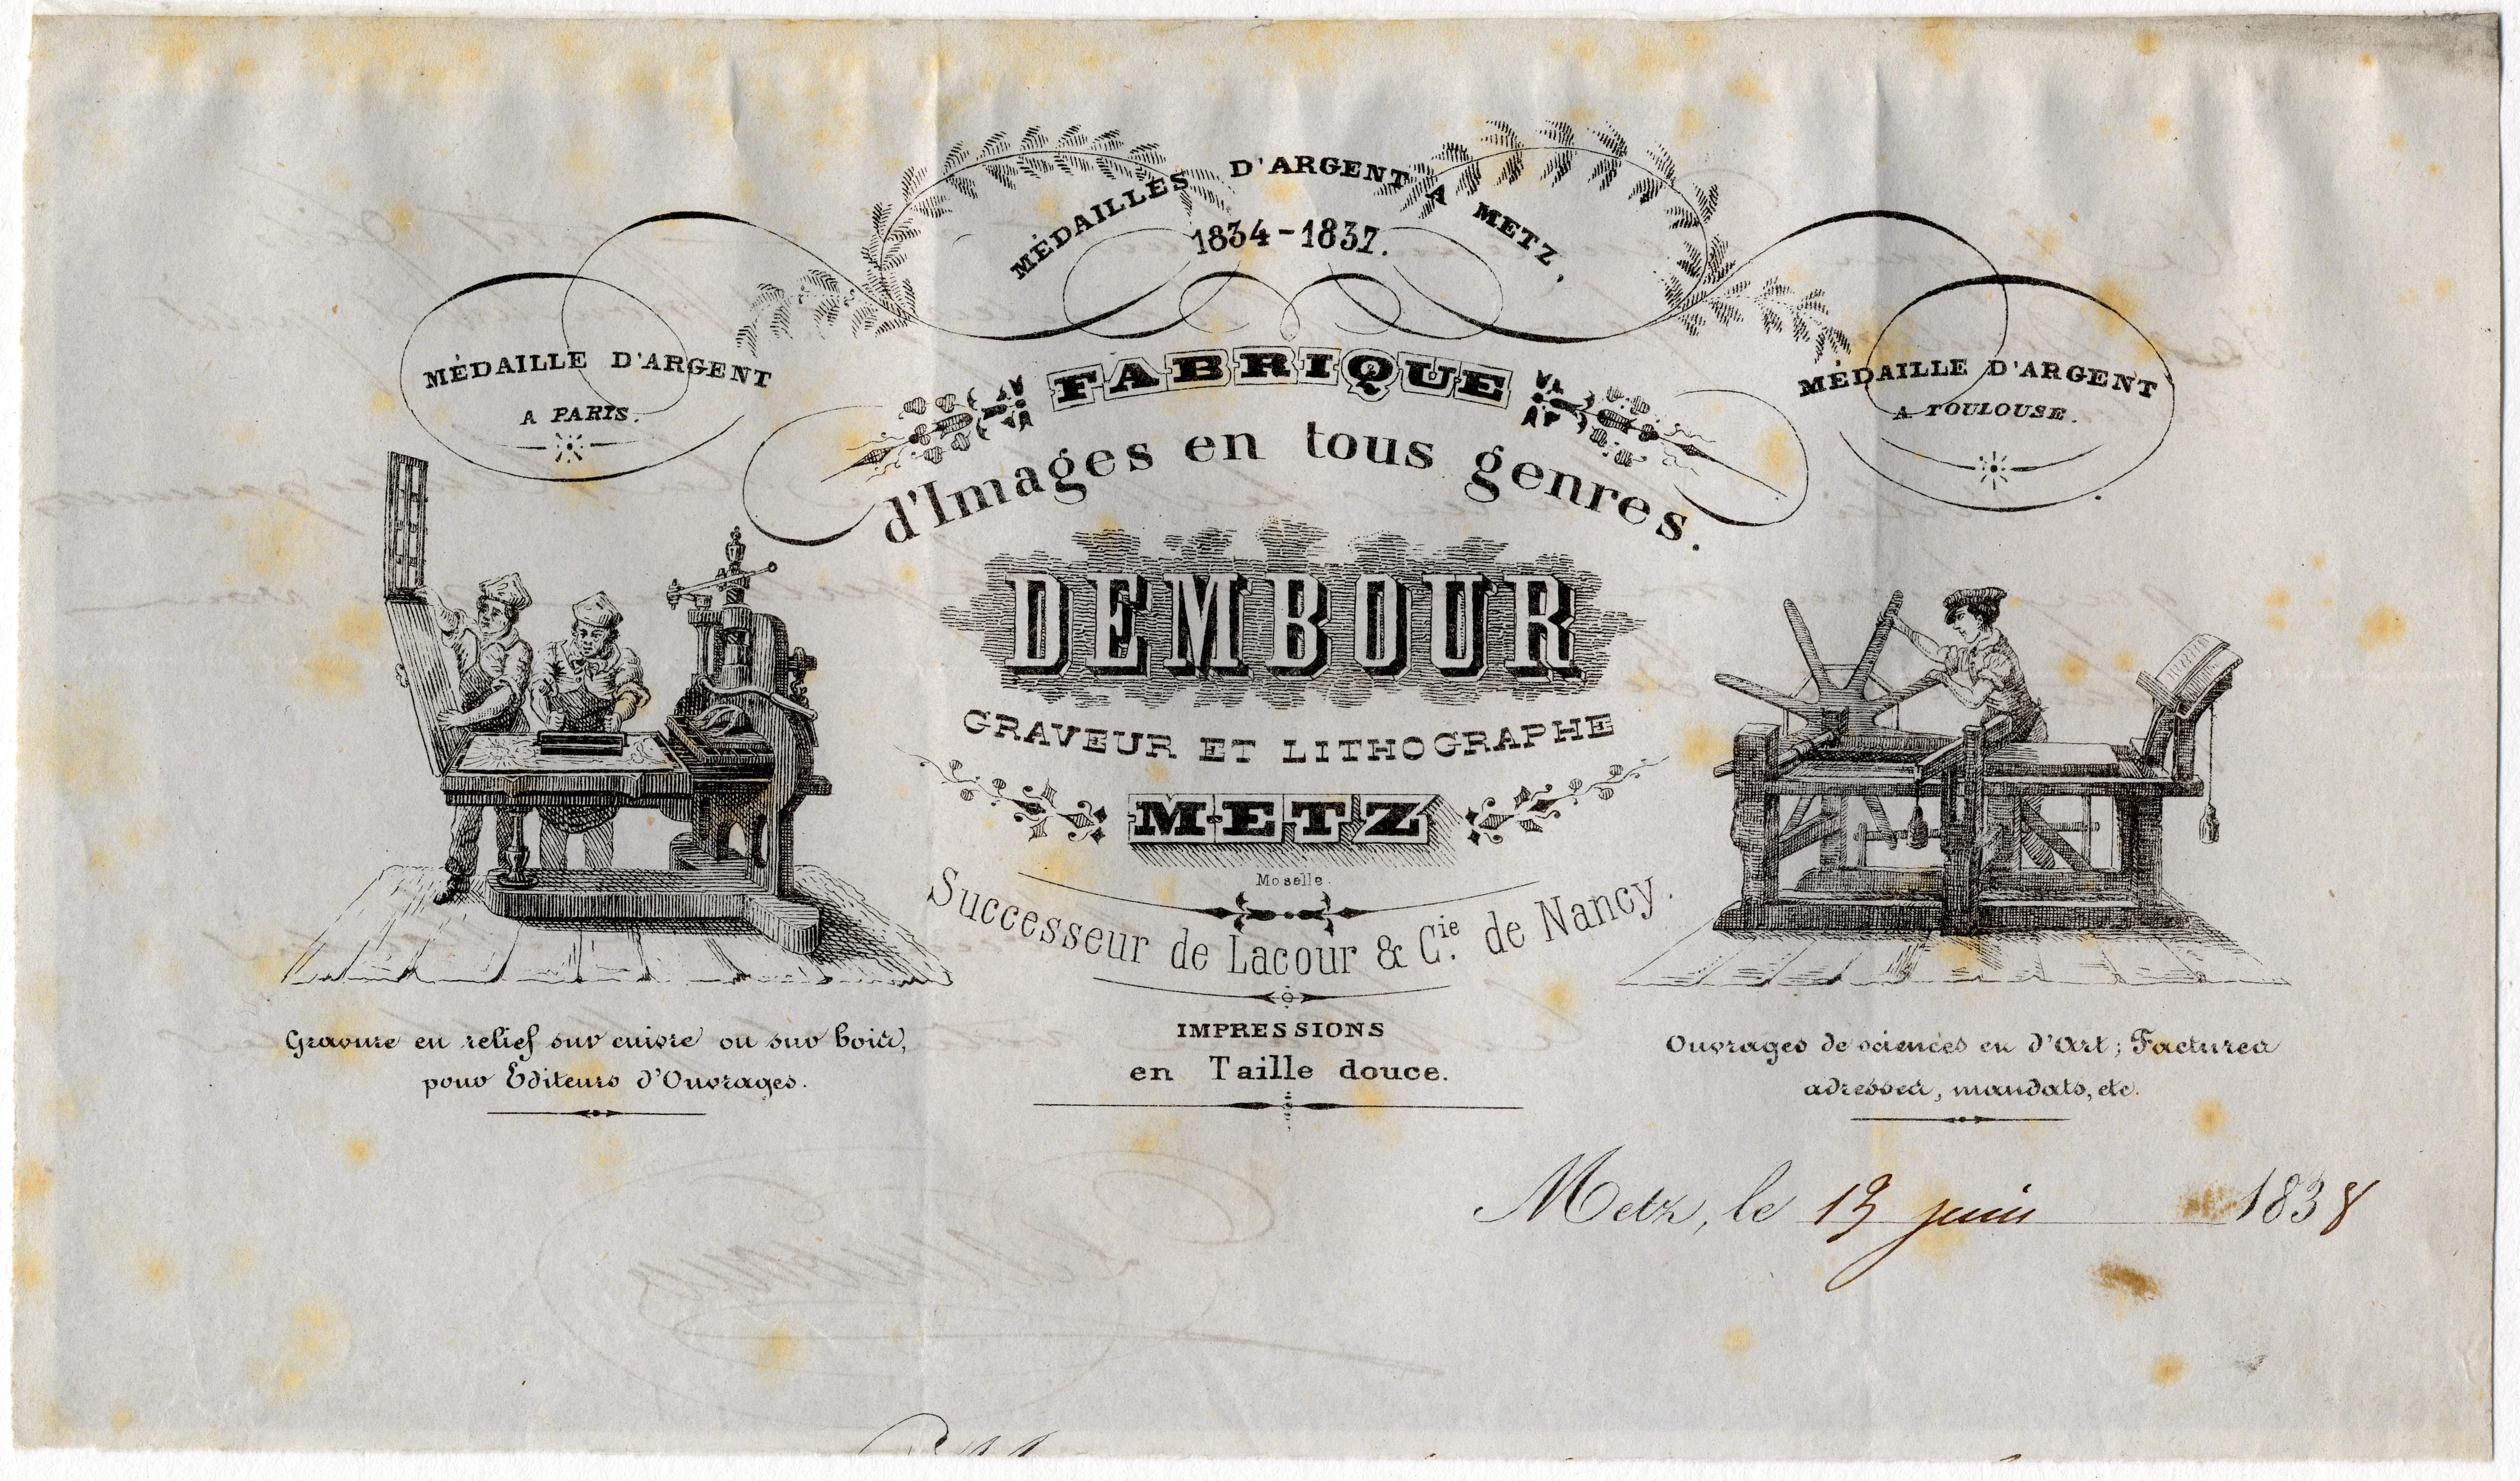 Contenu du En-tête de lettre: Fabrique d'images en tous genres Dembourg - graveur et lithographe à Metz